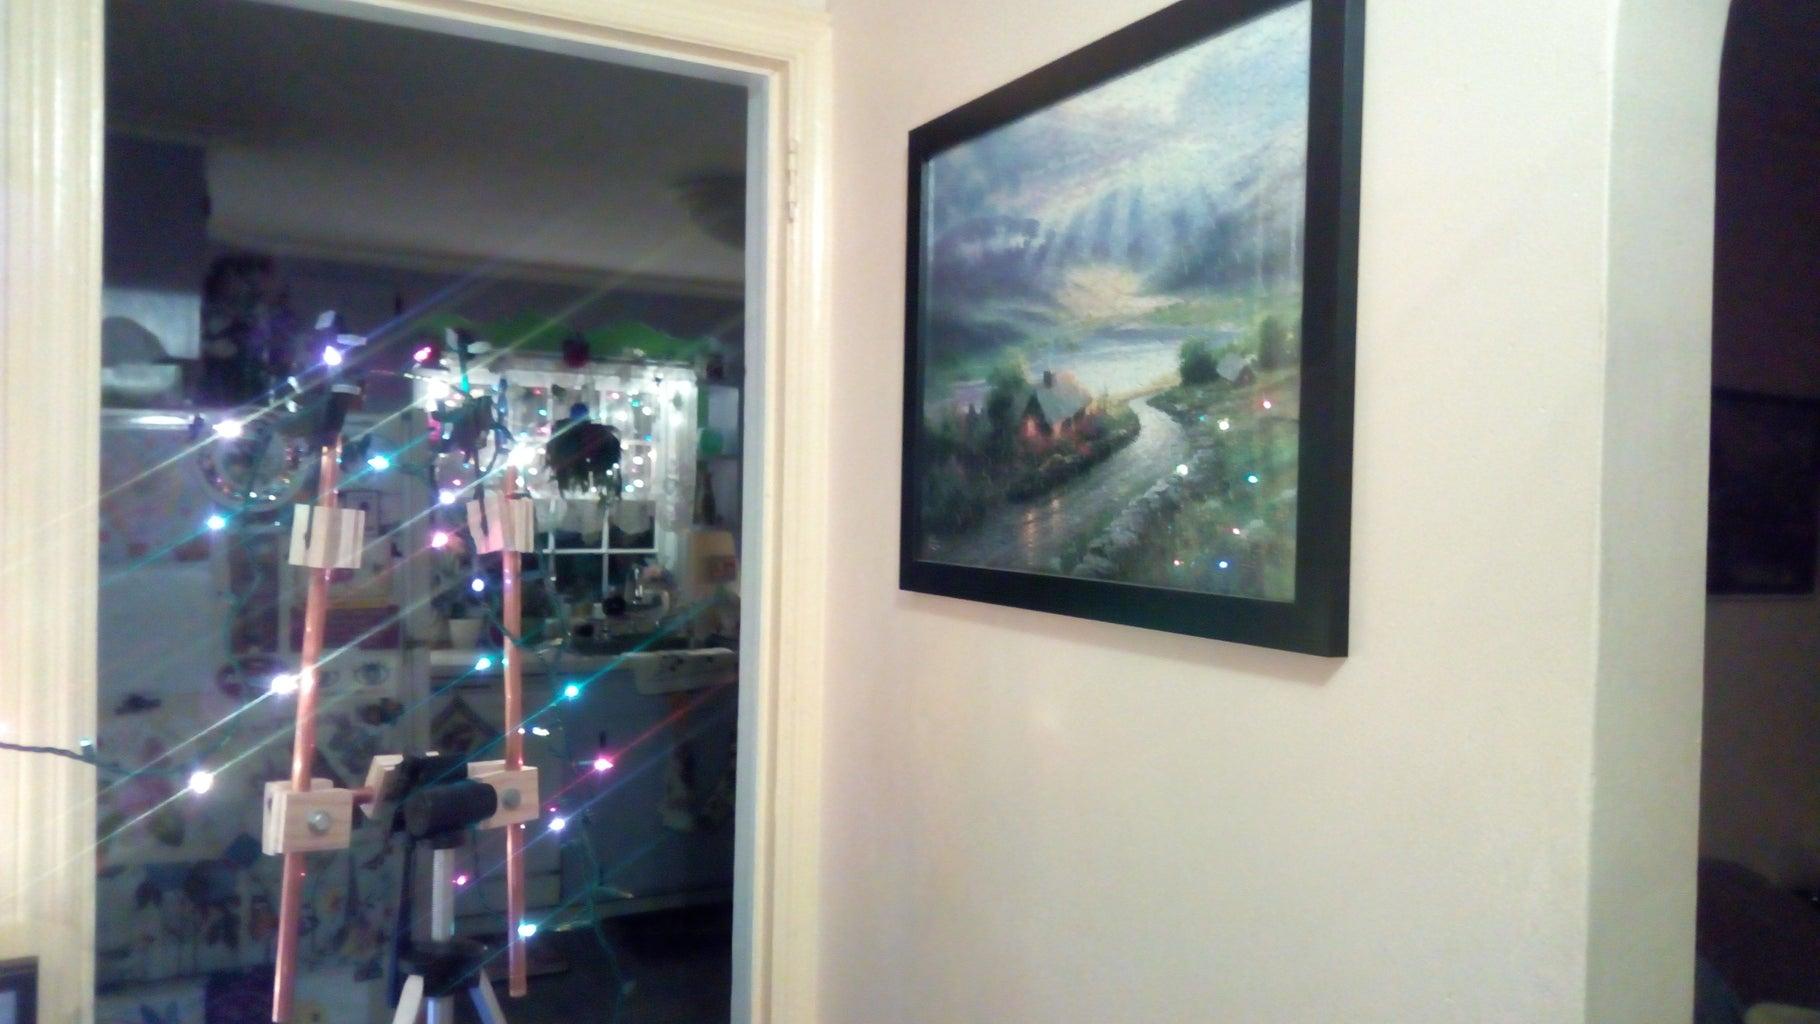 Use It to Hang Christmas Lights